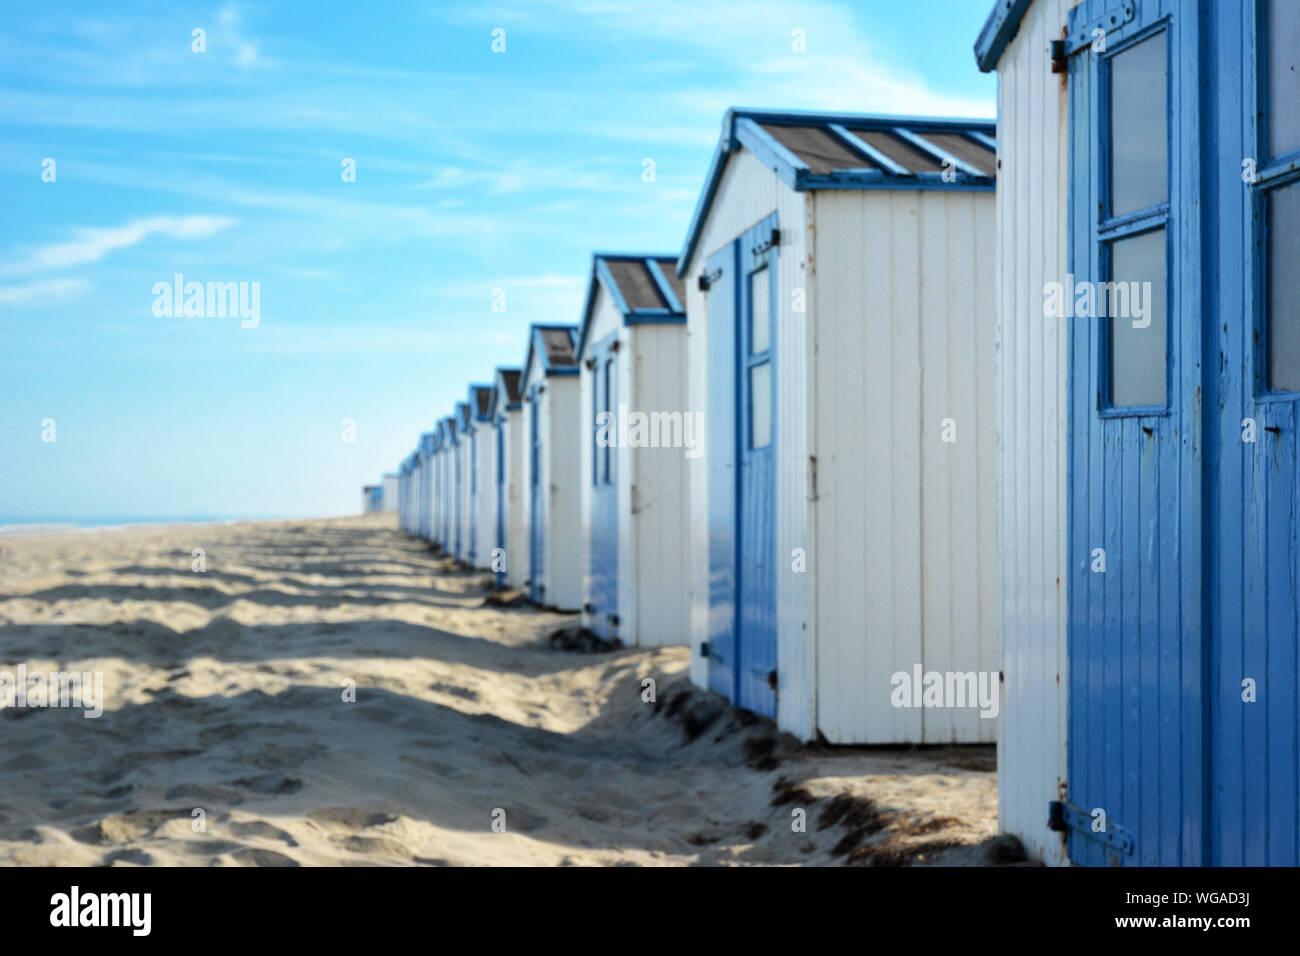 Cabines de plage sur la plage de l'île de Texel aux Pays-Bas avec ciel bleu aux beaux jours de l'été, selective focus avec l'accent sur les bonnes hut et copy space Banque D'Images